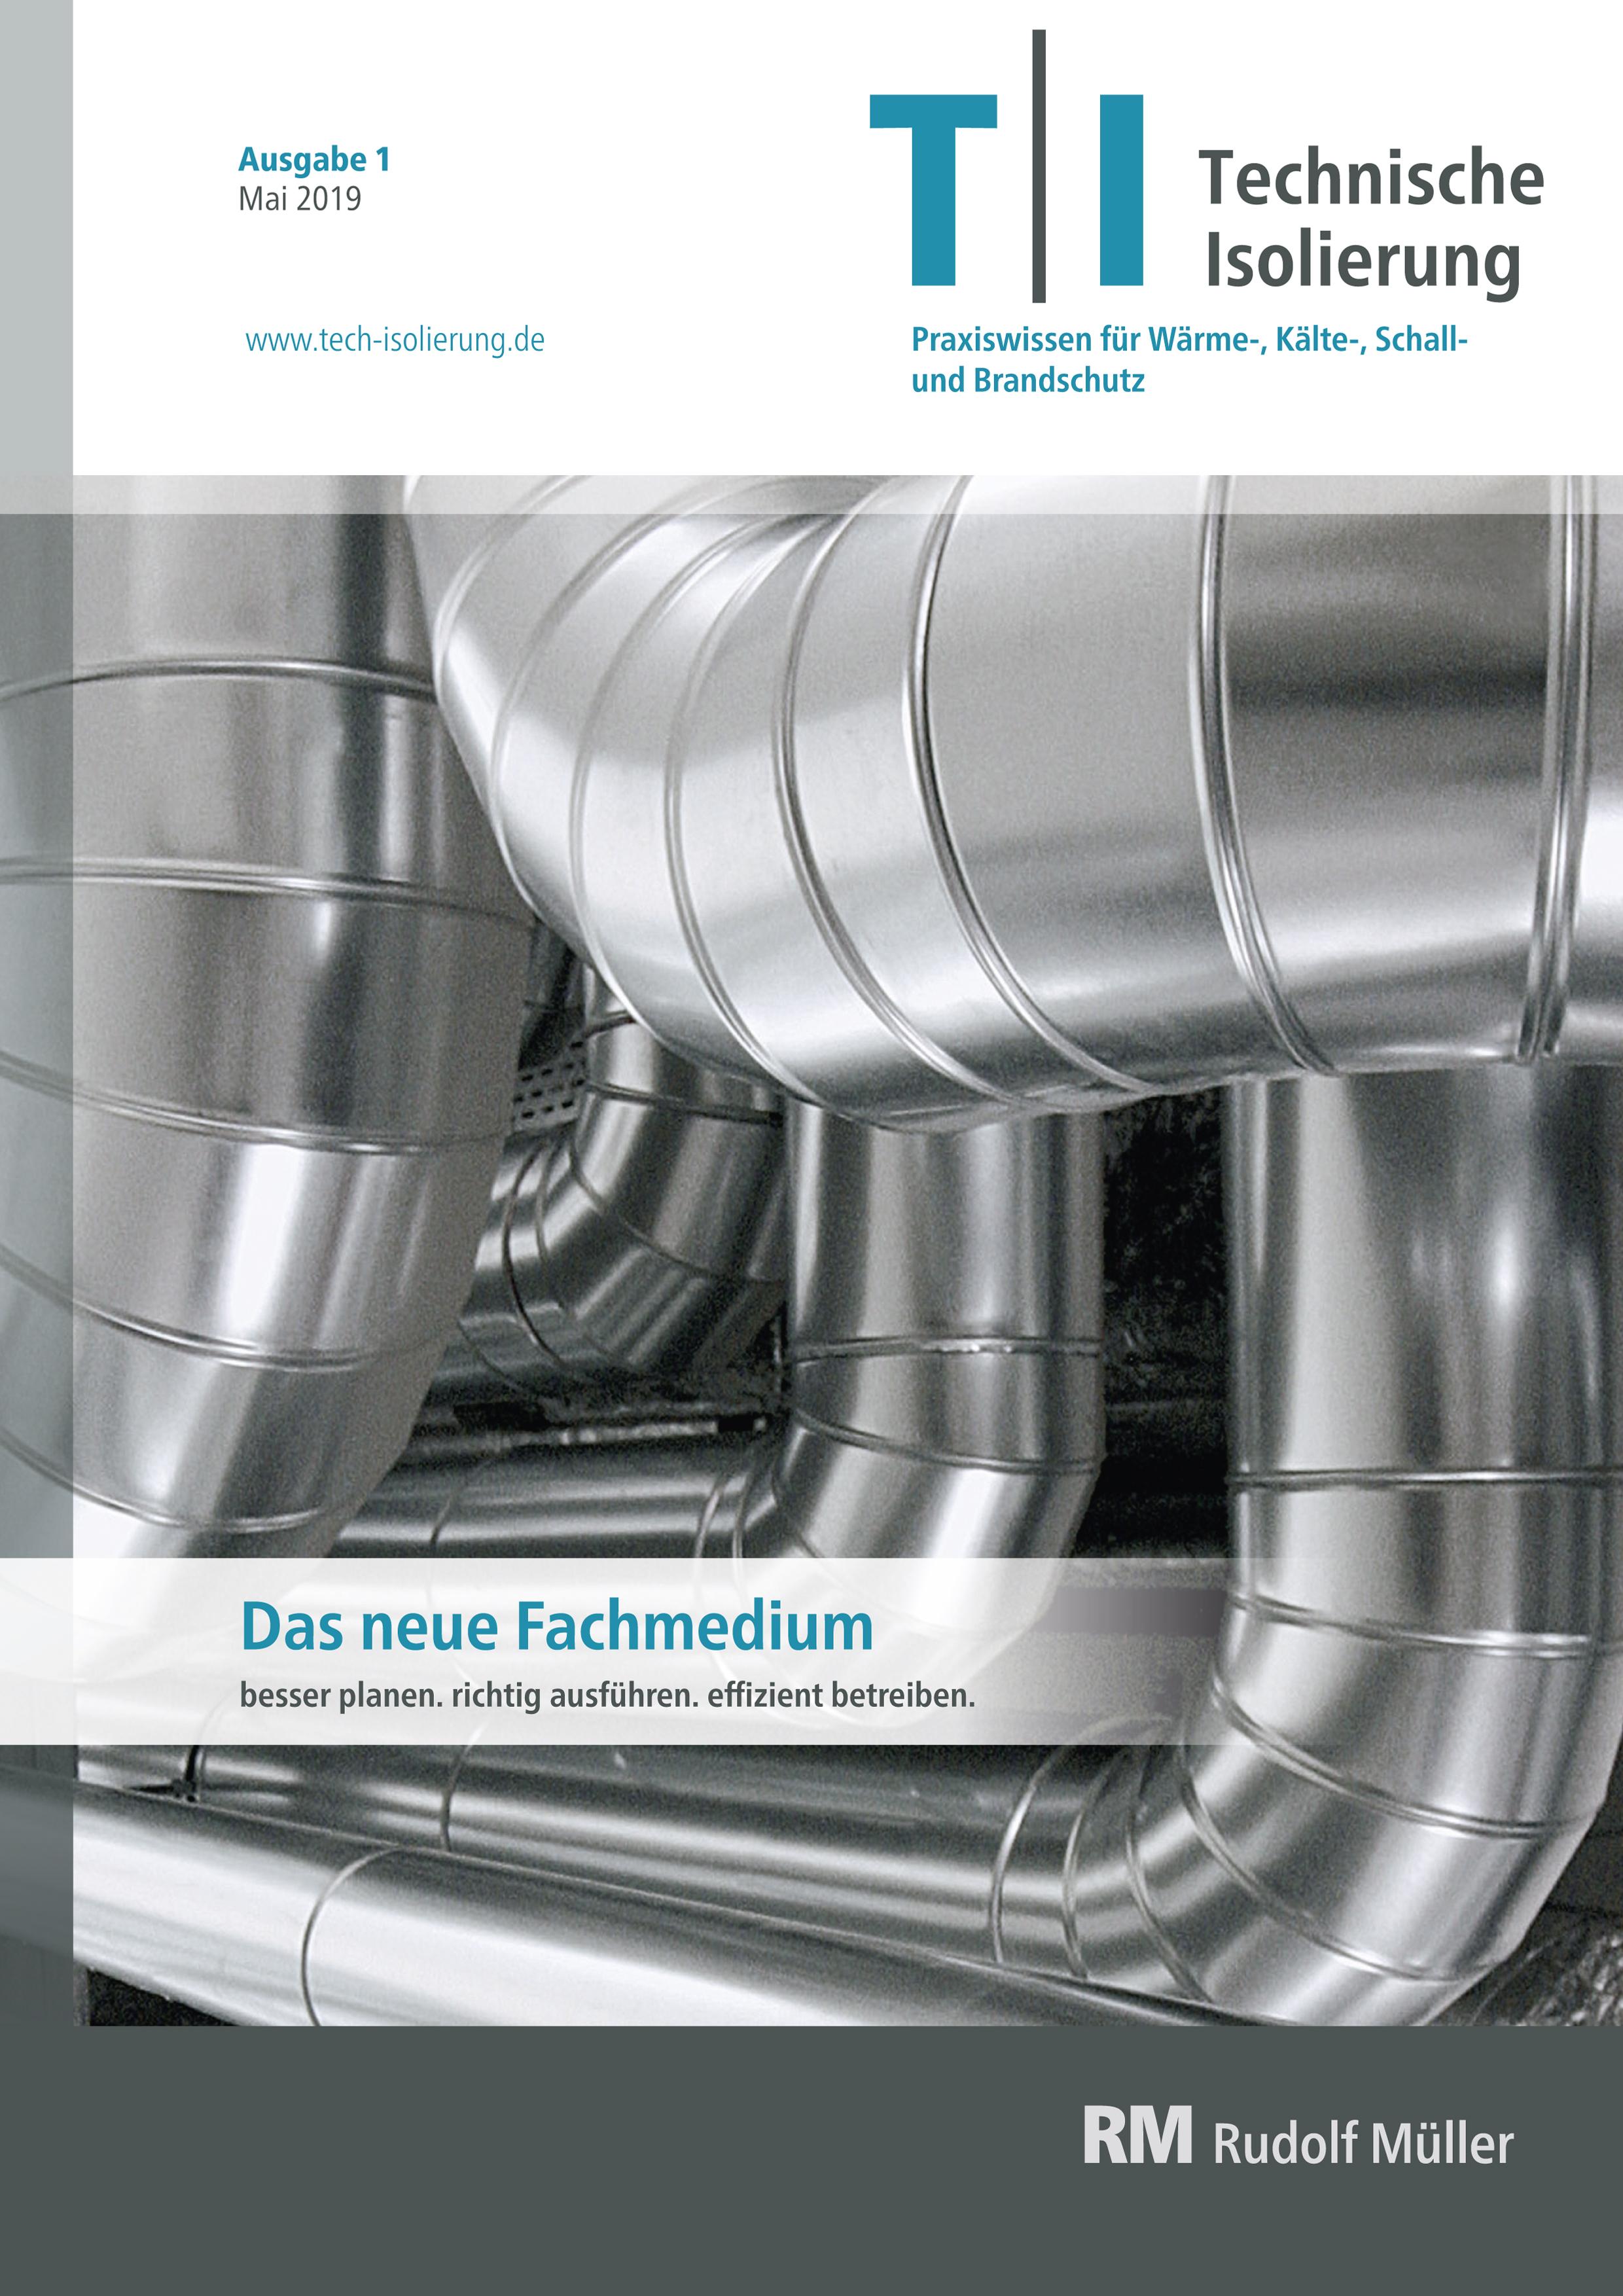 TI  Technische Isolierung: Neue Kommunikationsmarke für den Wärme-, Kälte-, Schall- und Brandschutz